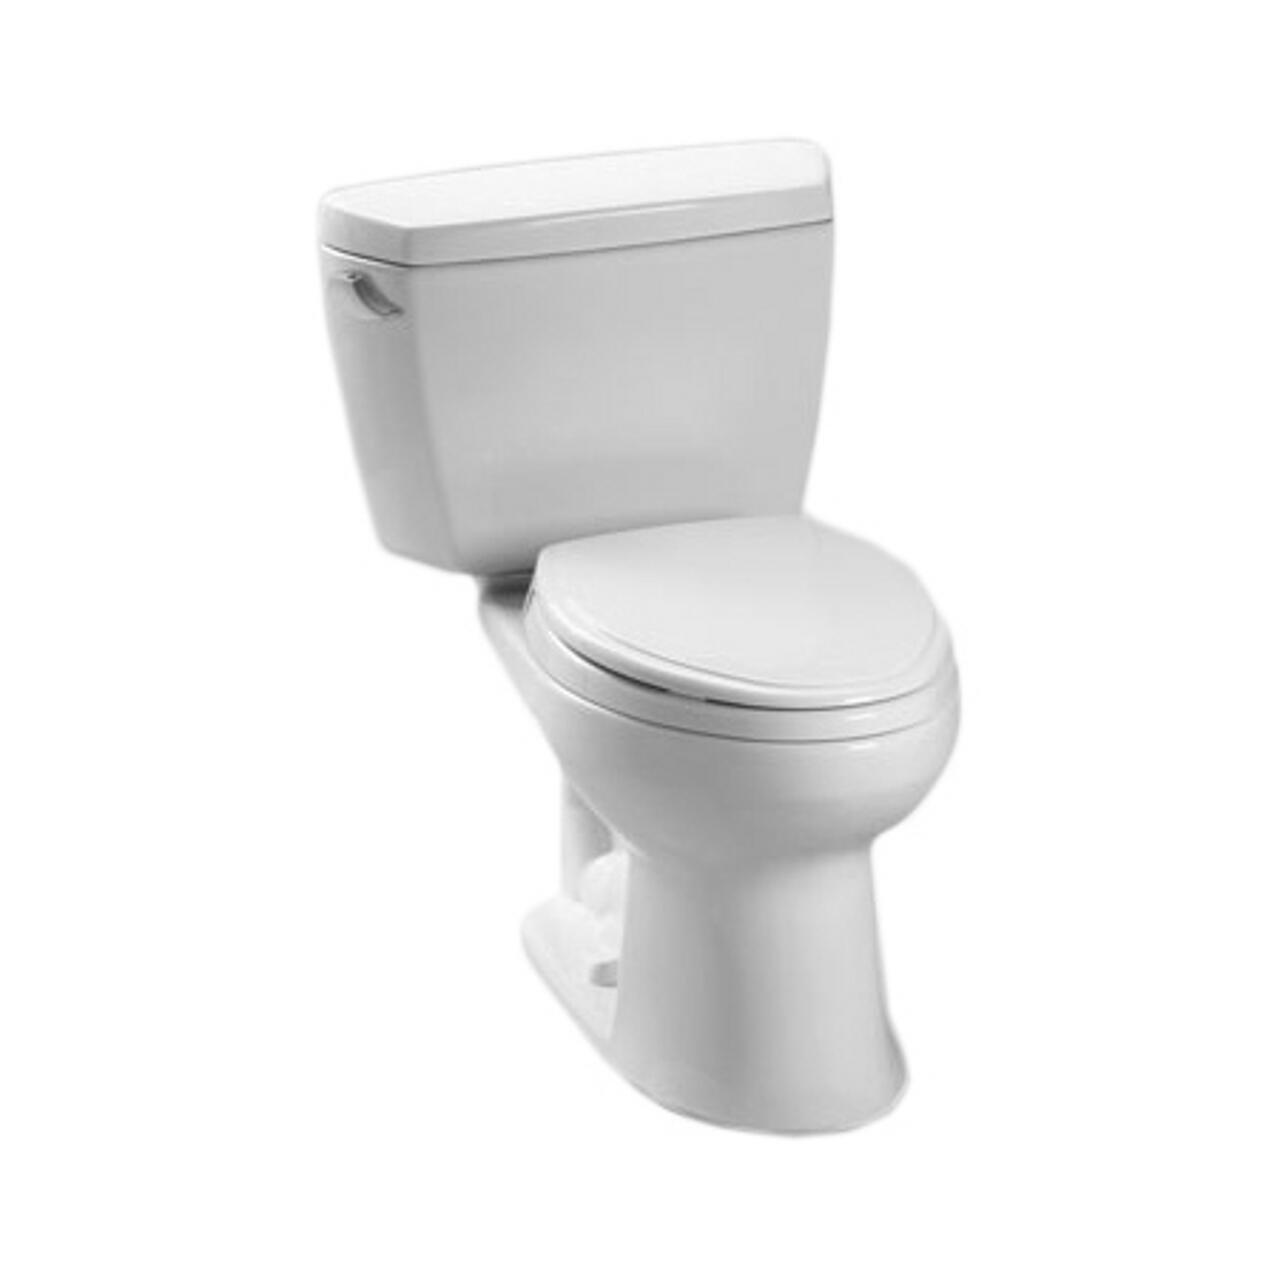 TOTO Cst744Sdbno.01 Drake Toilet, Cotton by TOTO